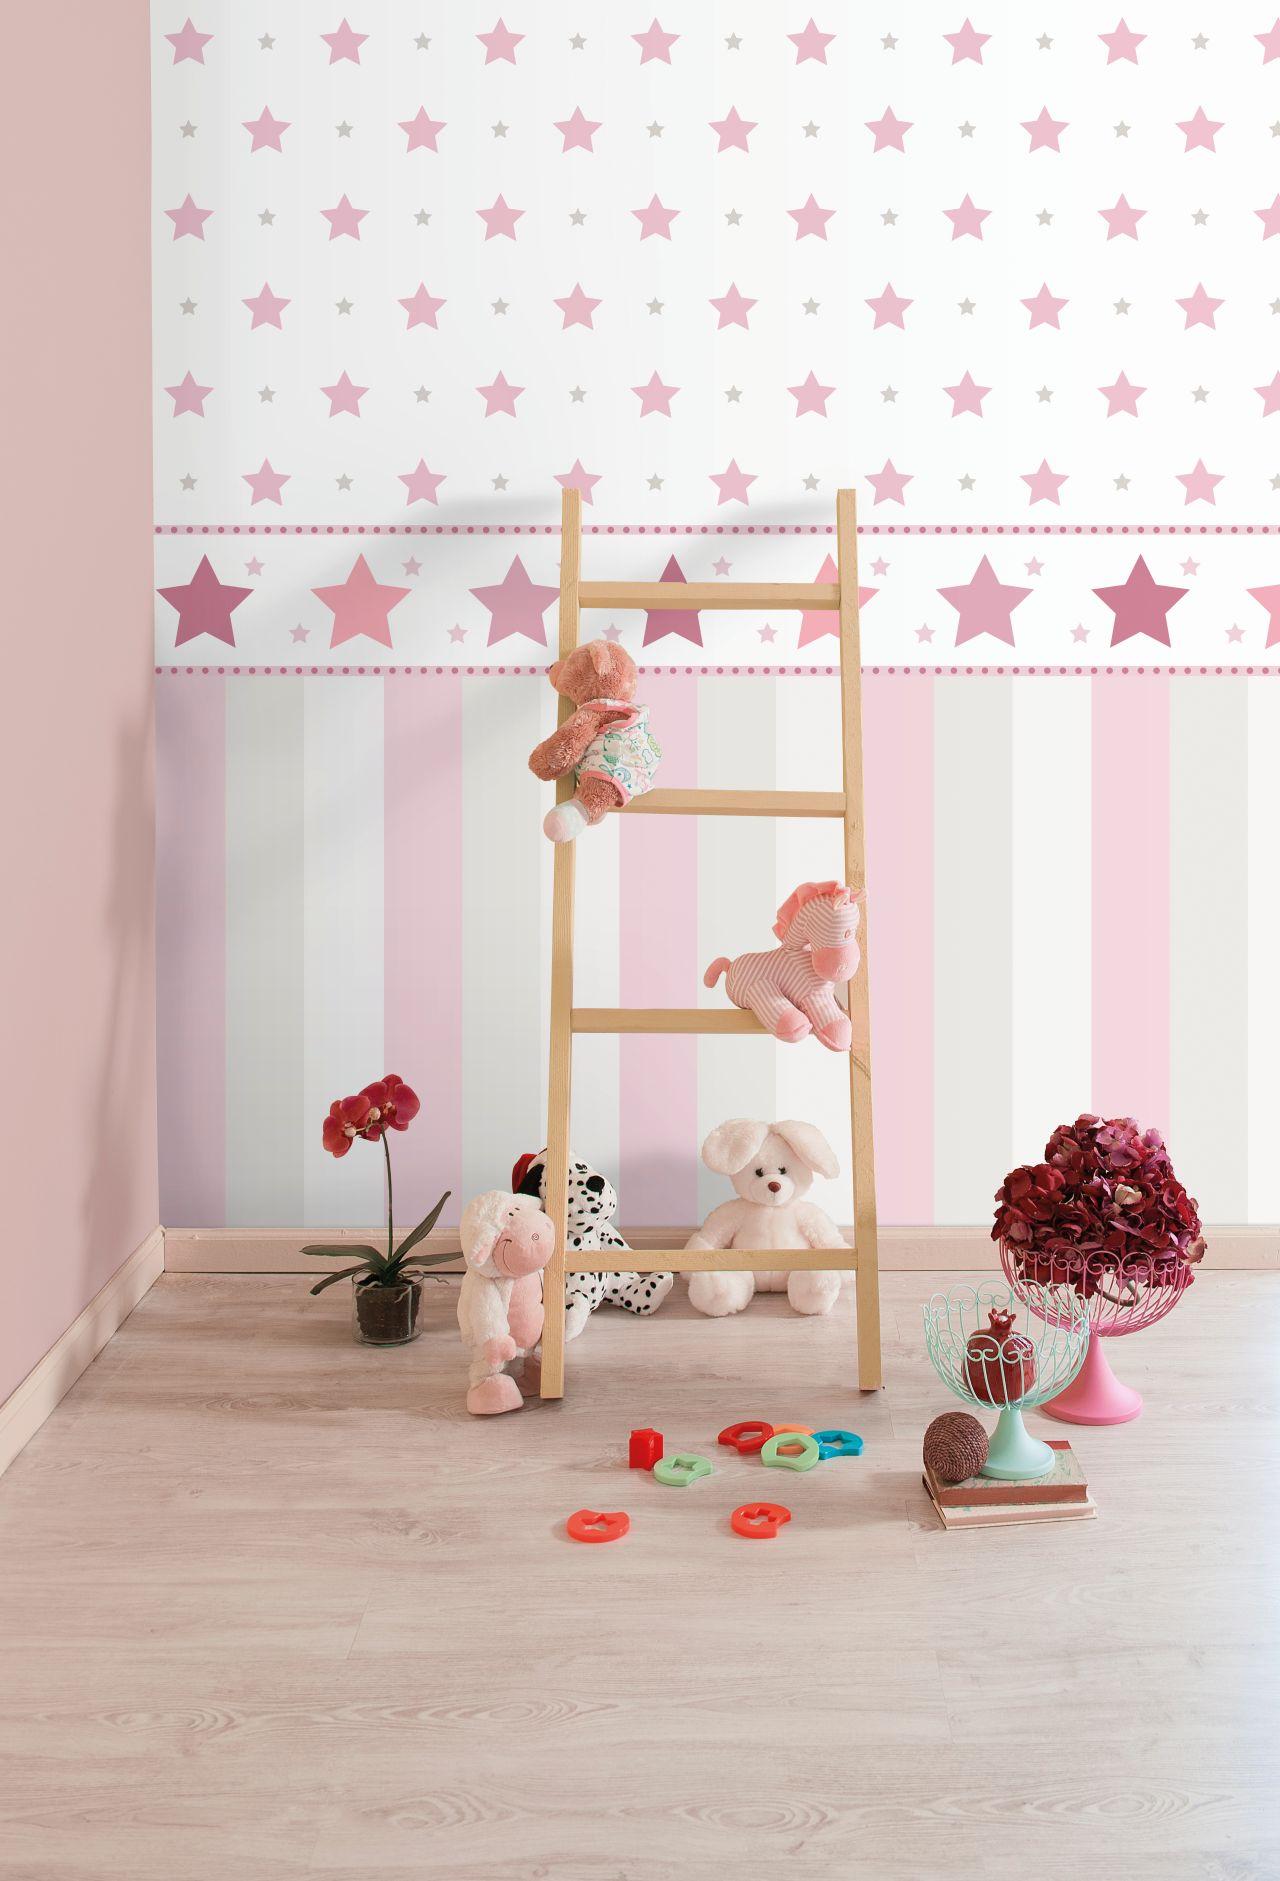 Full Size of Bordüren Kinderzimmer Bordre Sterne Rosa Raschtextil Lovely Little Regal Weiß Regale Sofa Kinderzimmer Bordüren Kinderzimmer